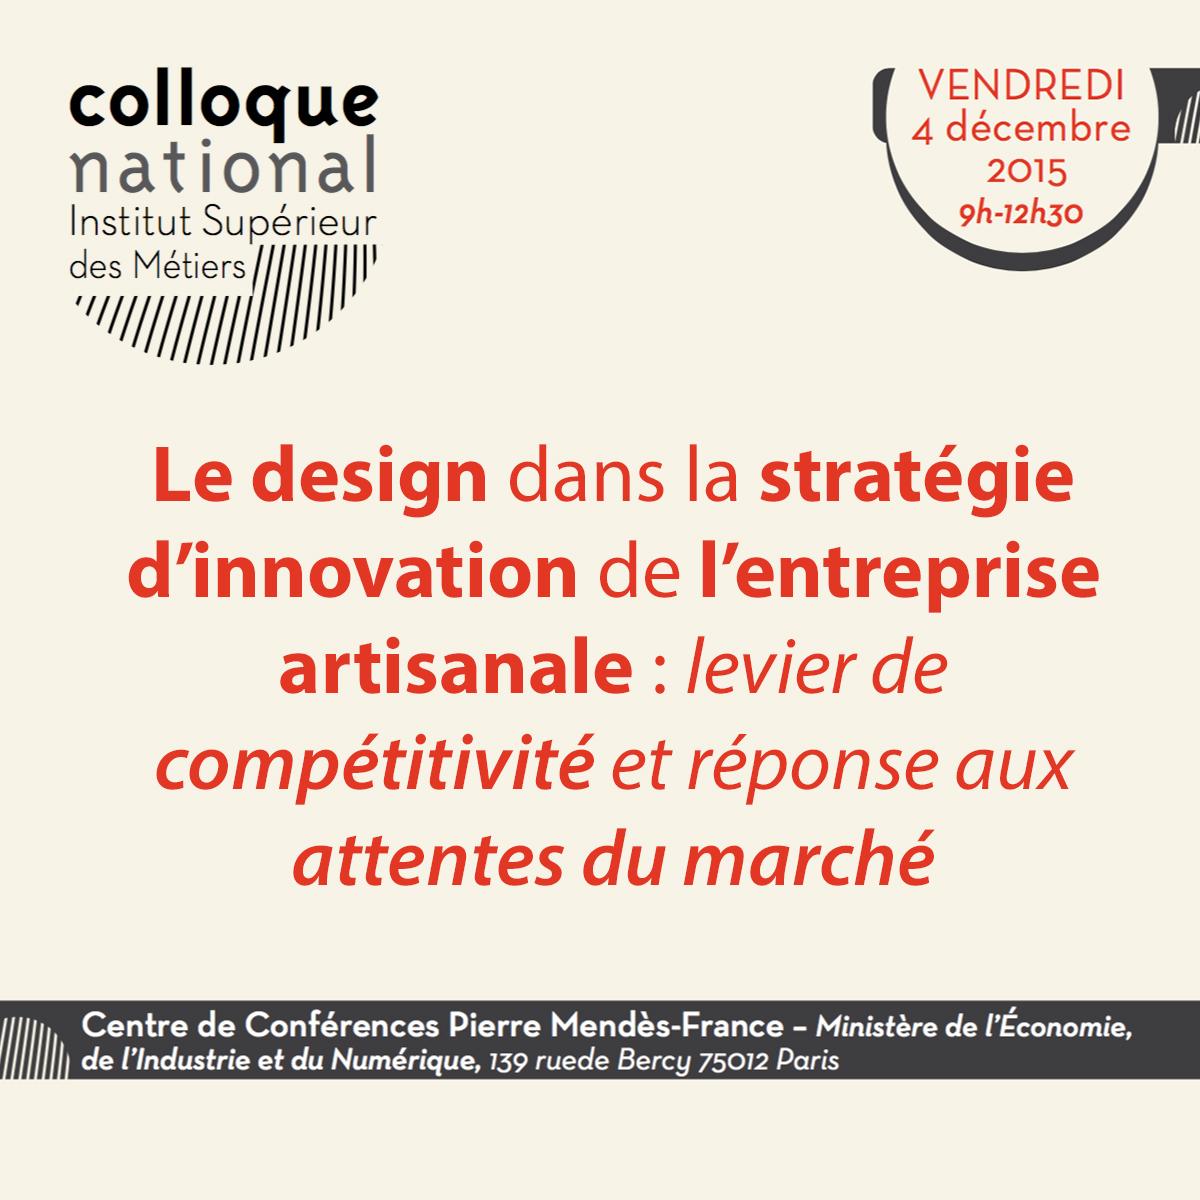 Colloque ISM design 2015